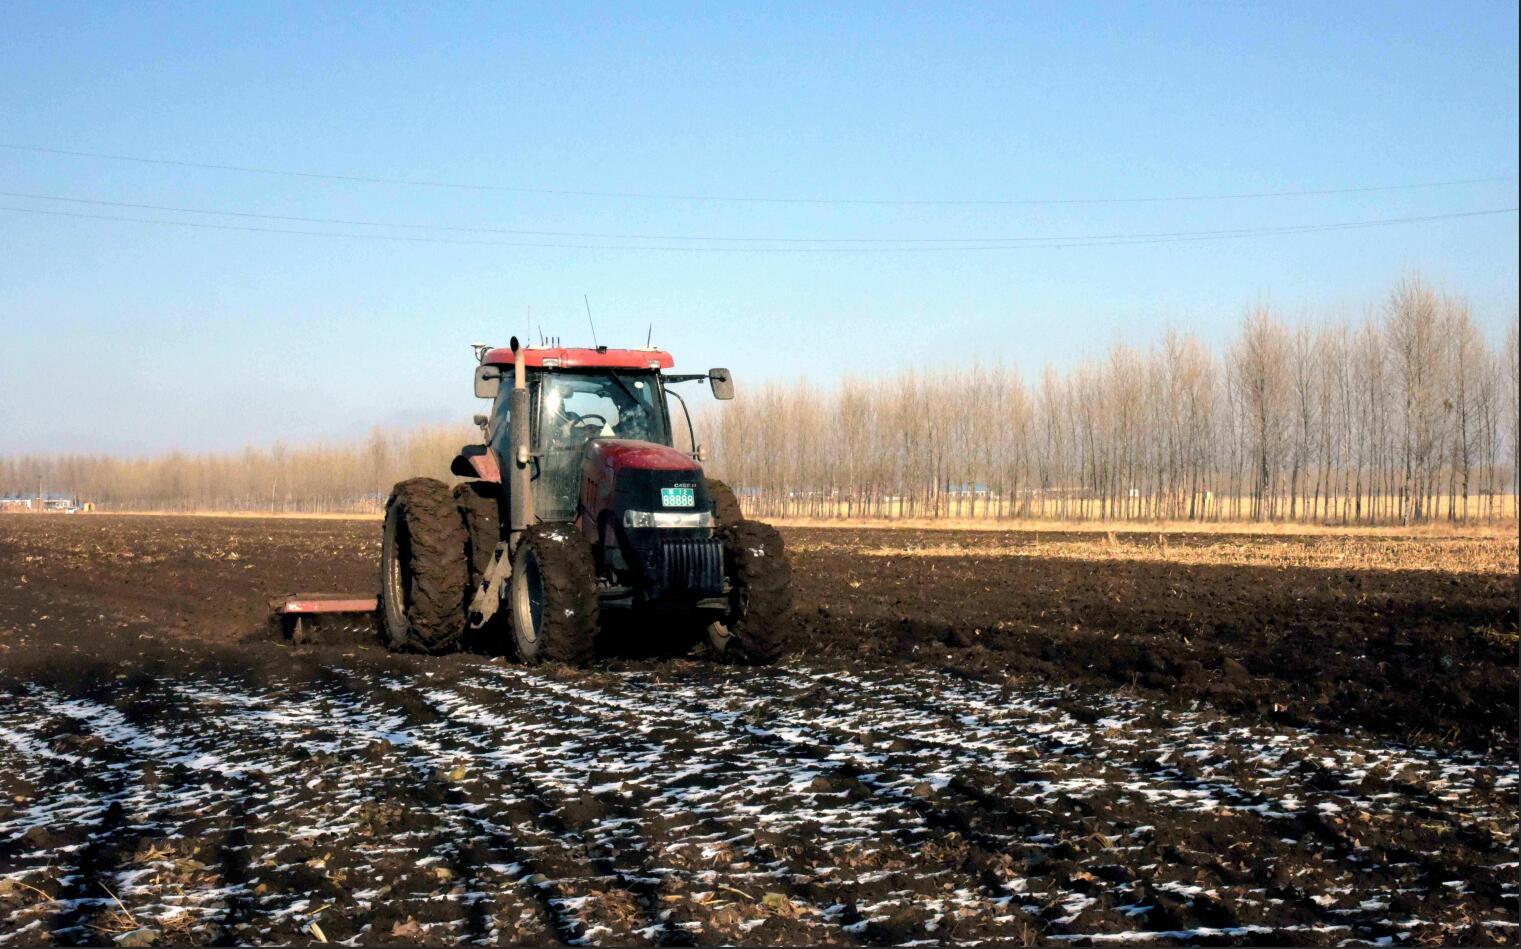 聚焦东北黑土地:数量减少质量下降 保护刻不容缓